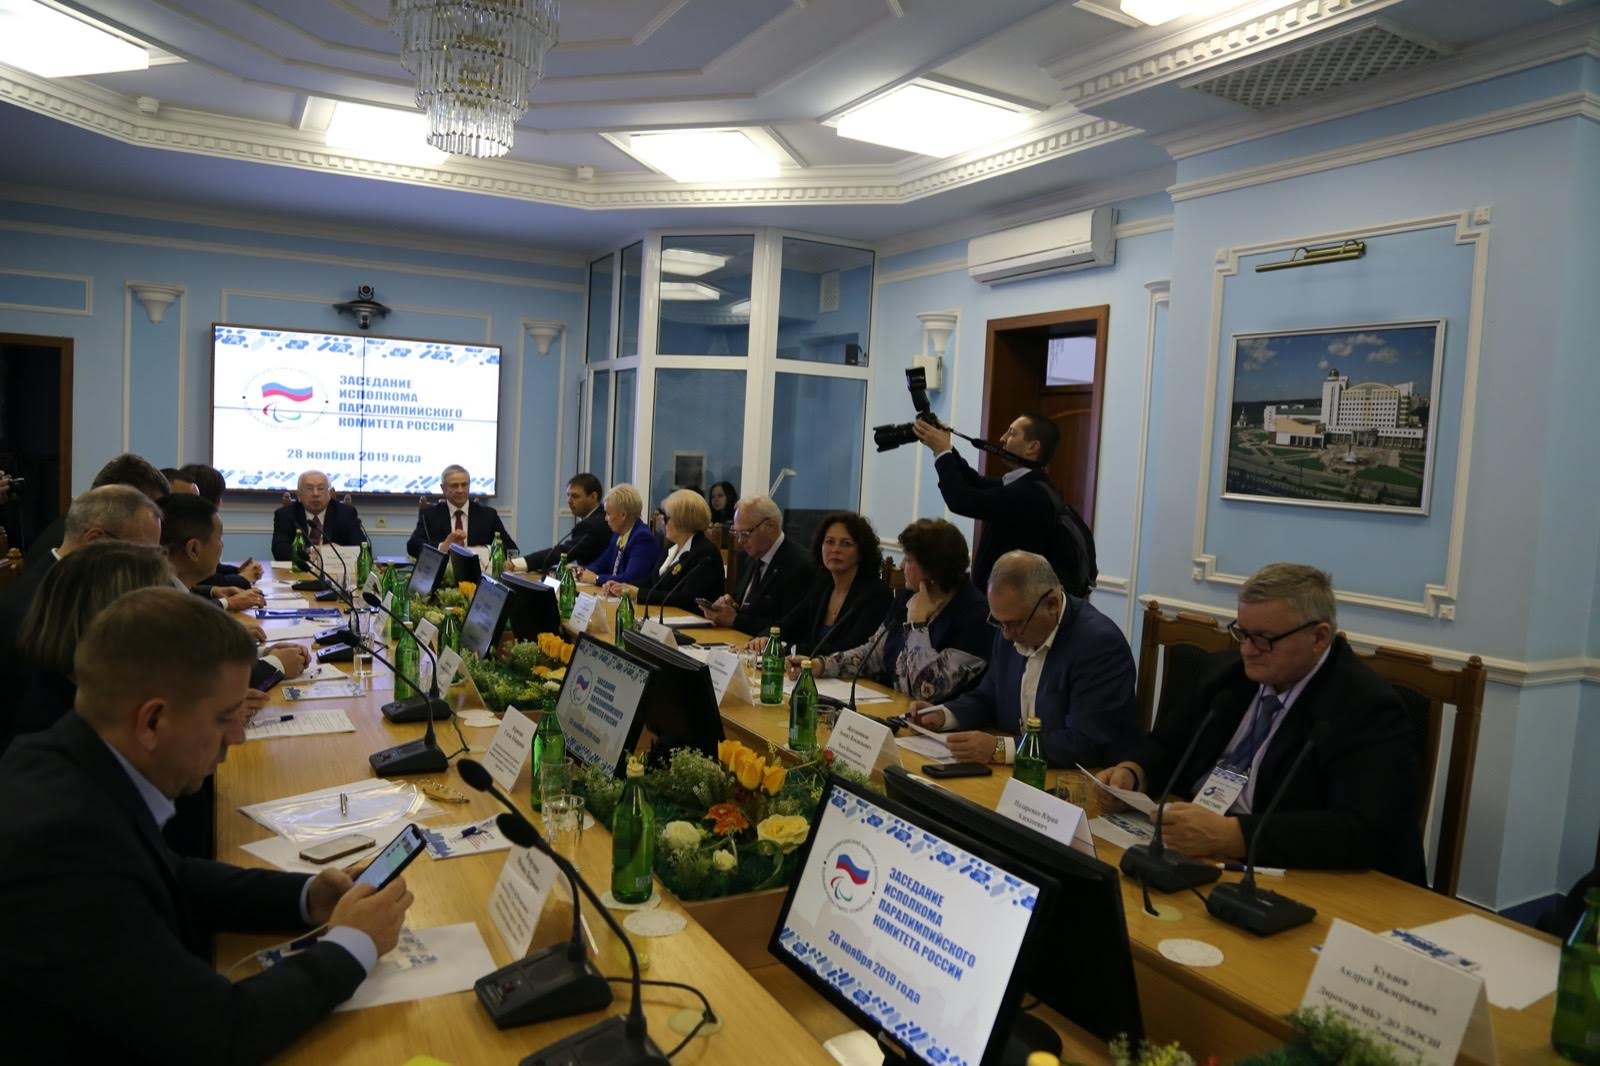 В.П. Лукин в г. Белгороде провел заседание Исполкома ПКР